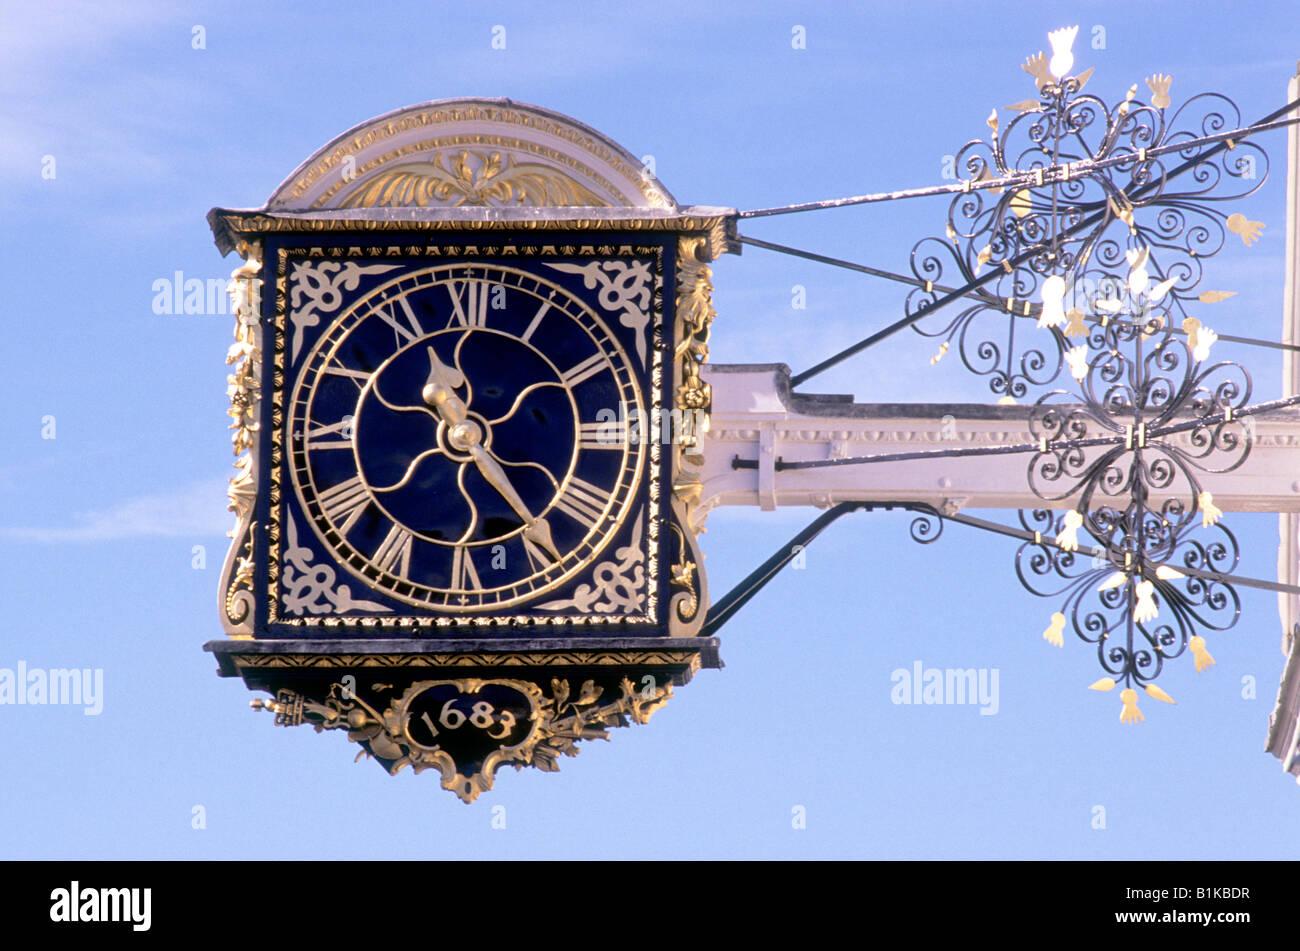 Guildford Town Hall 1683 Réveil du public support doré surplombant Street Surrey England UK Photo Stock